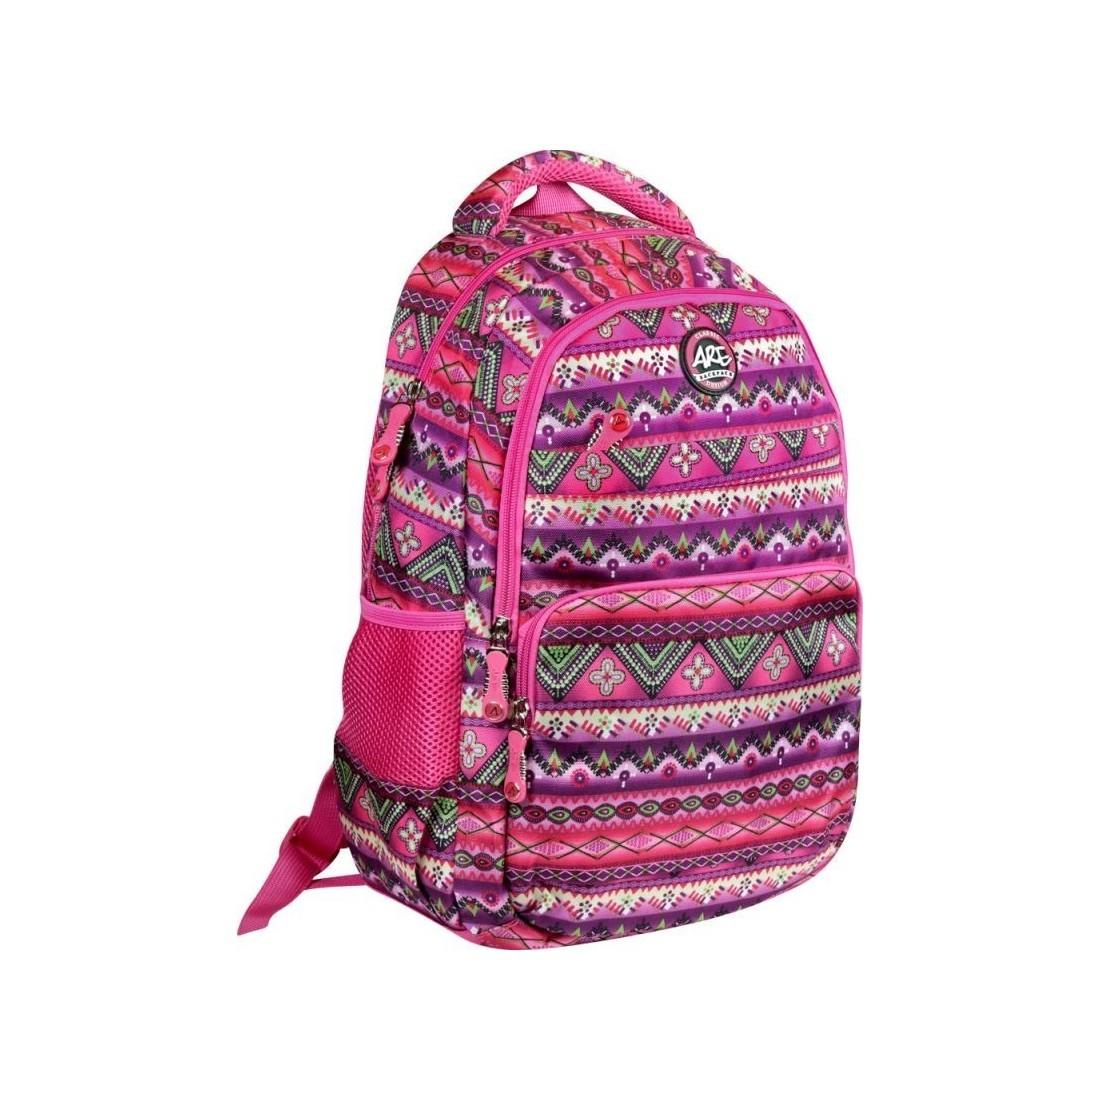 8d4b32bbac1c0 Plecak szkolny w dziewczęce, azteckie wzory - idealny dla dziewczyn  lubiących się wyróżniać z modnym plecakiem.